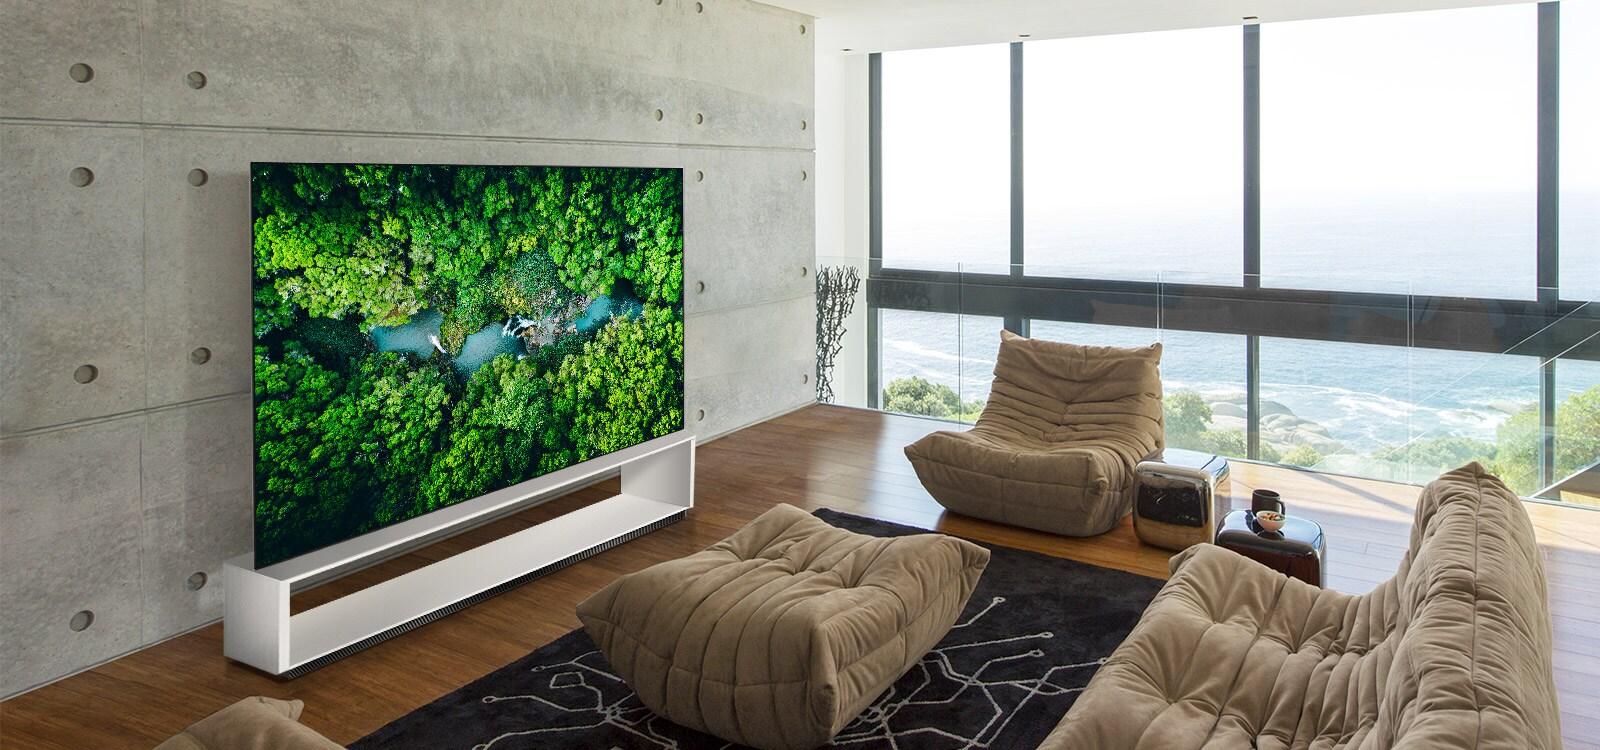 Phòng khách sang trọng với ghế sofa và TV hiển thị khung cảnh thiên nhiên trên không